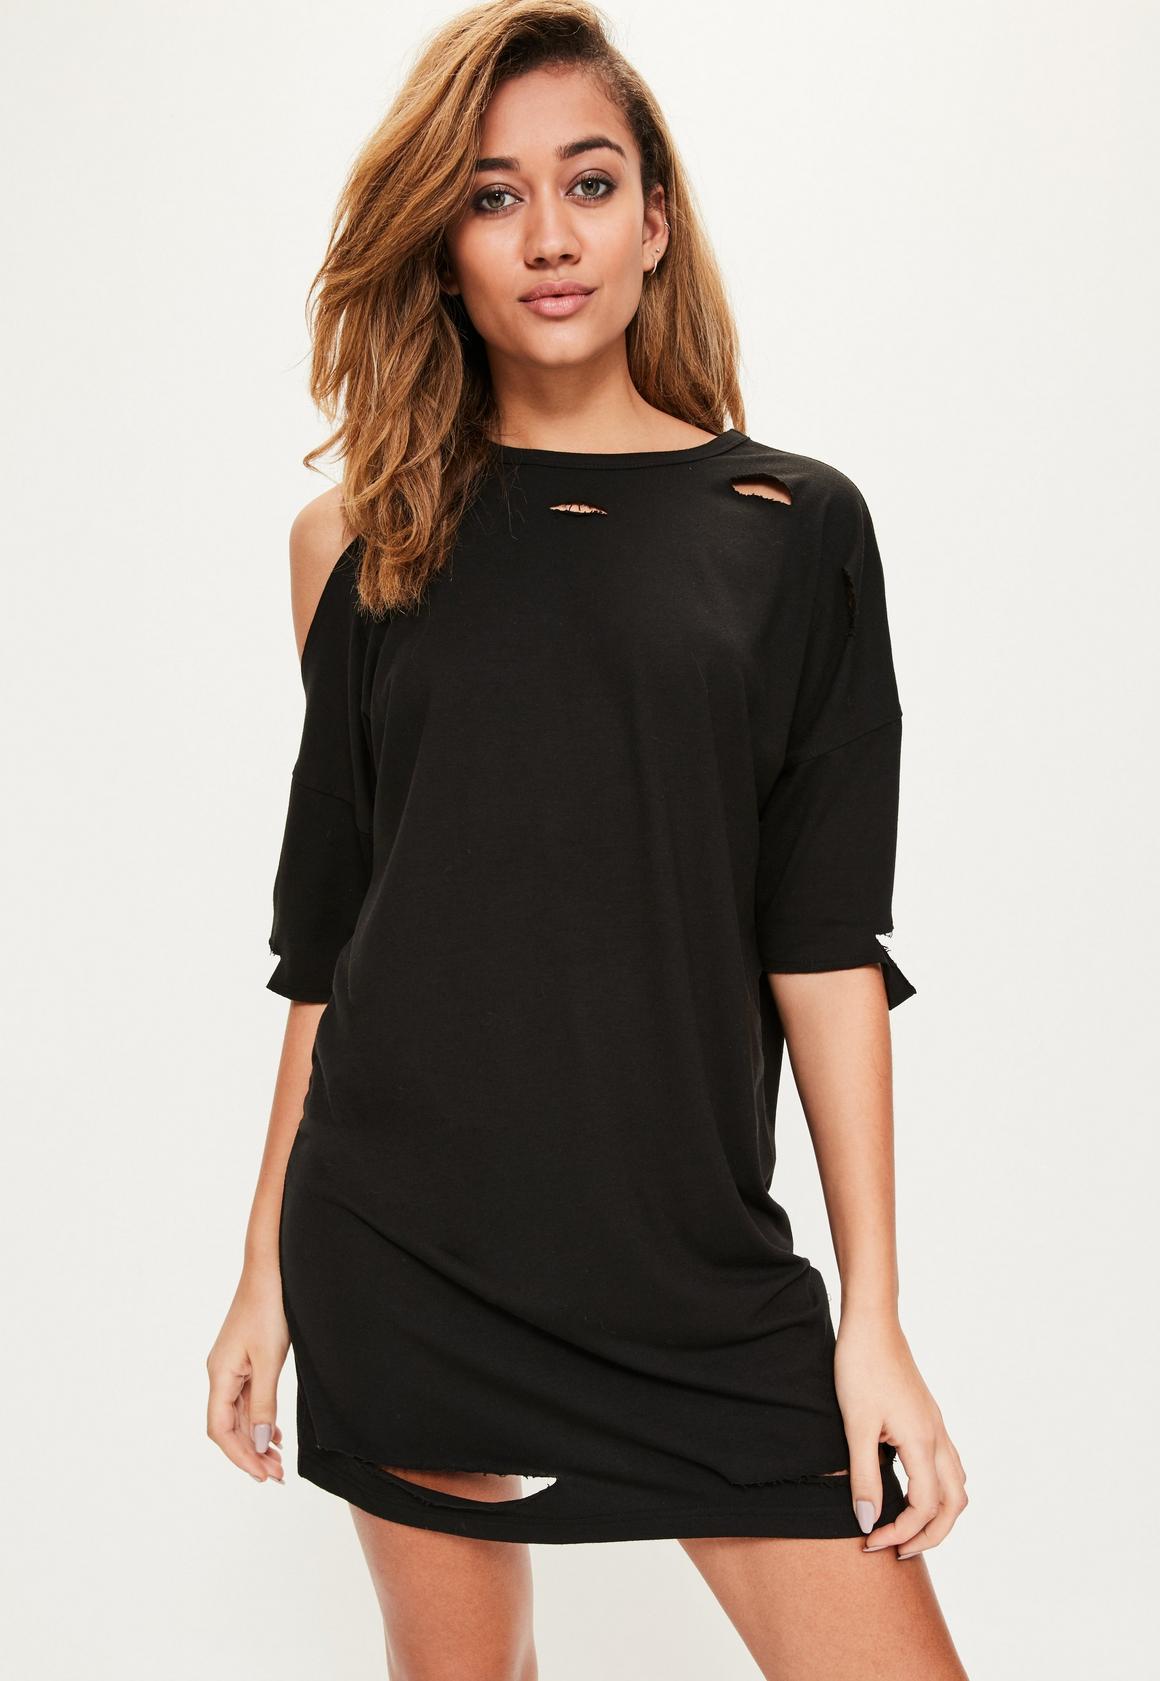 T shirt kleid schwarz